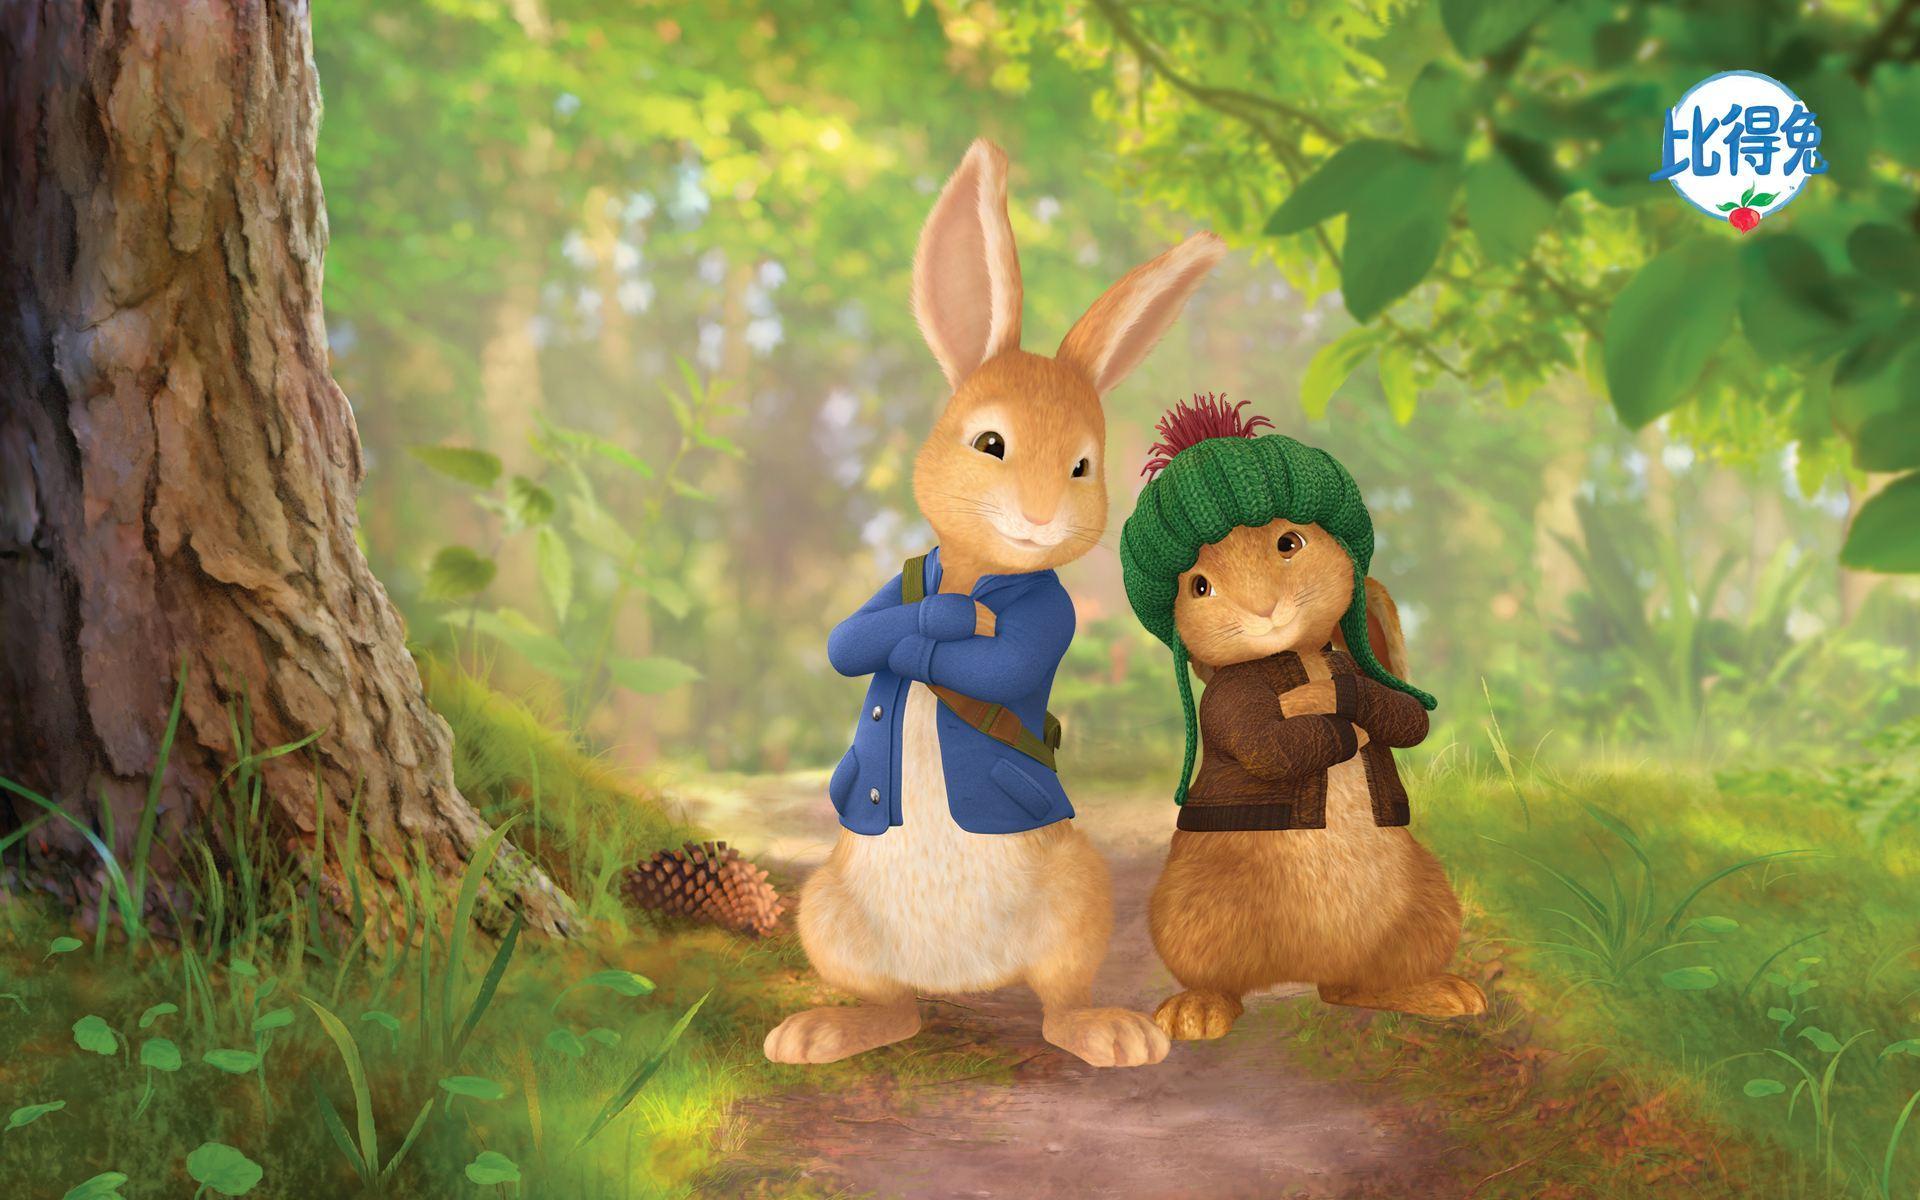 波特非常喜欢饲养小动物,她养过兔子,老鼠,鸟,蝙蝠,青蛙,蜥蜴,水龟